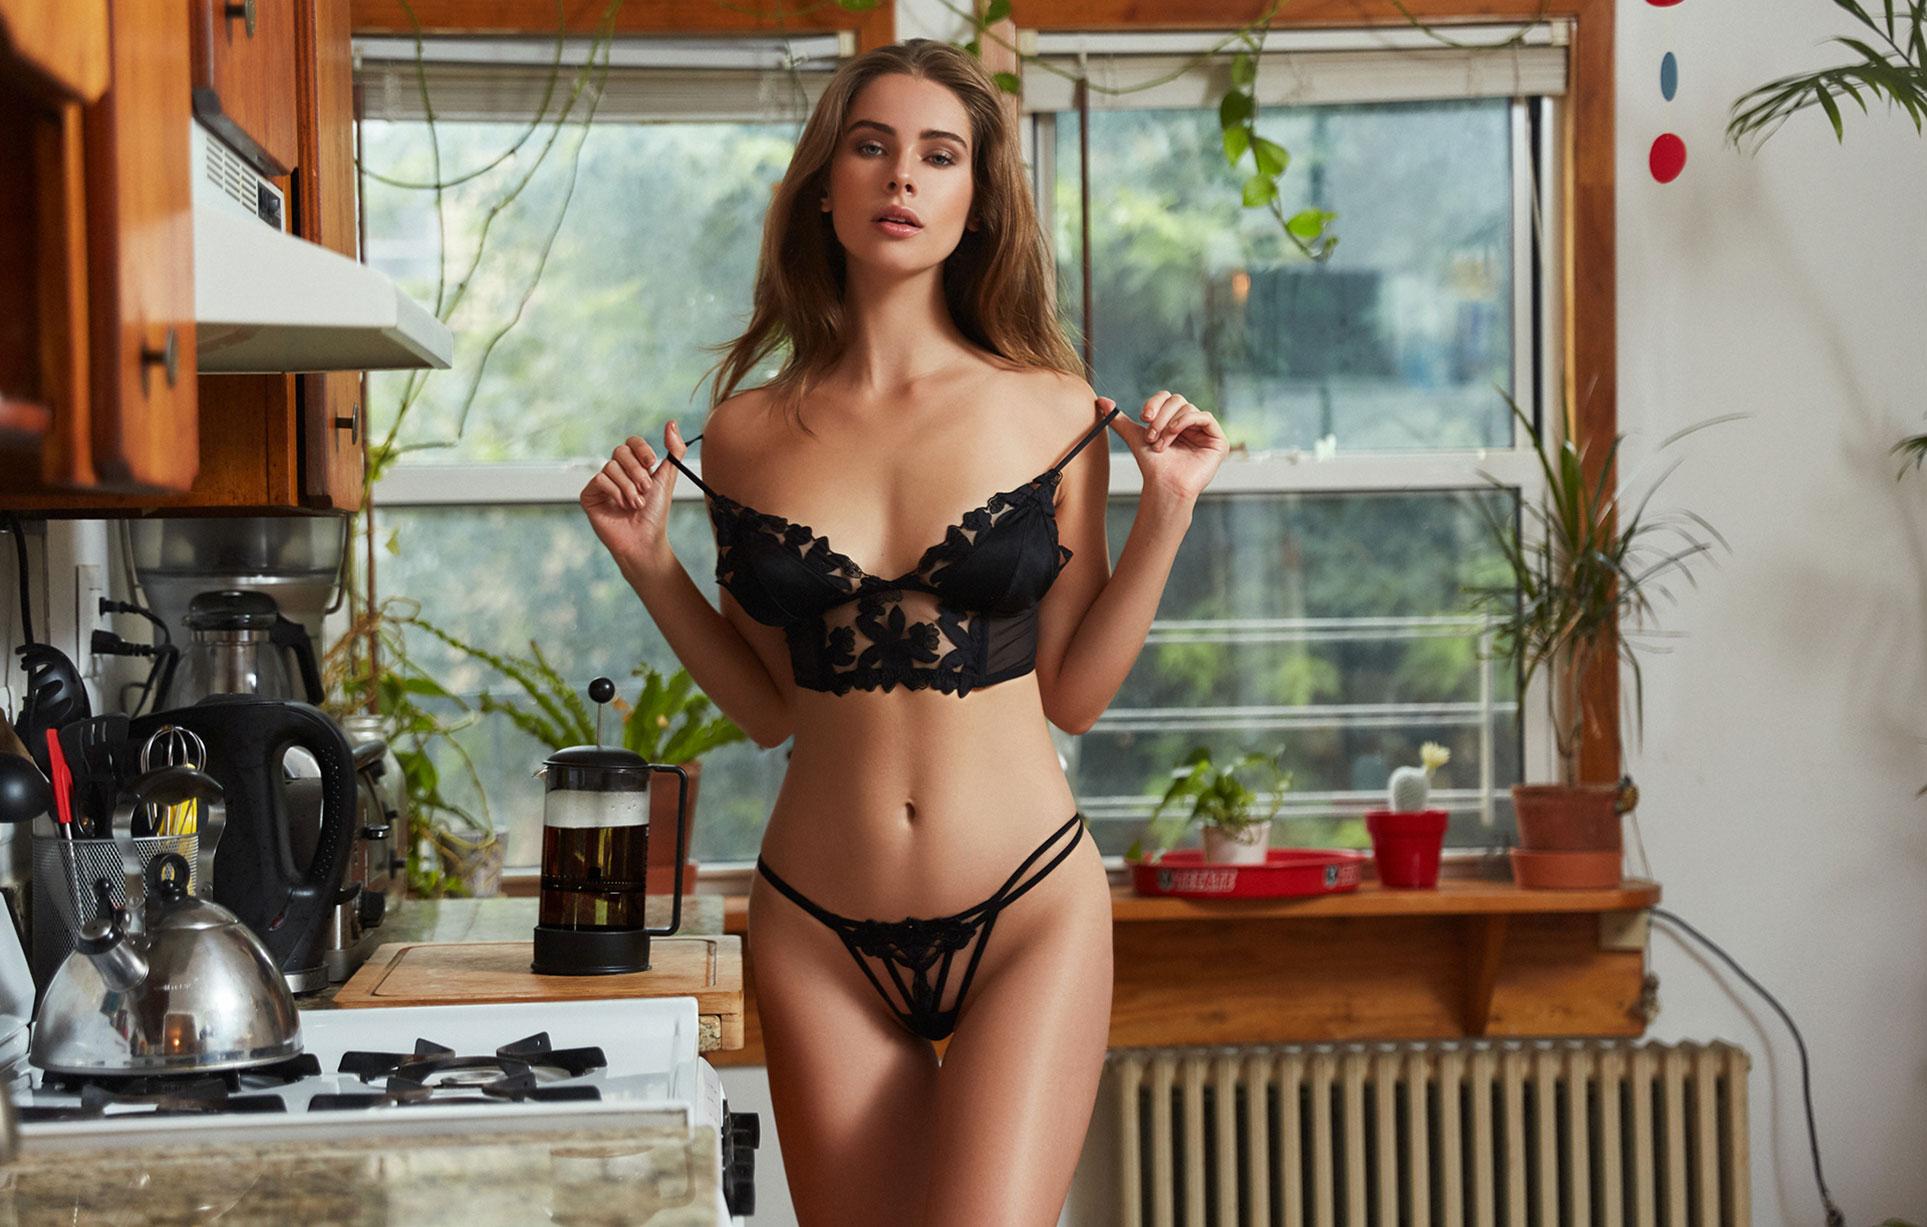 Брэнди Гордон готовит кофе и демонстрирует кружевное нижнее белье / фото 20